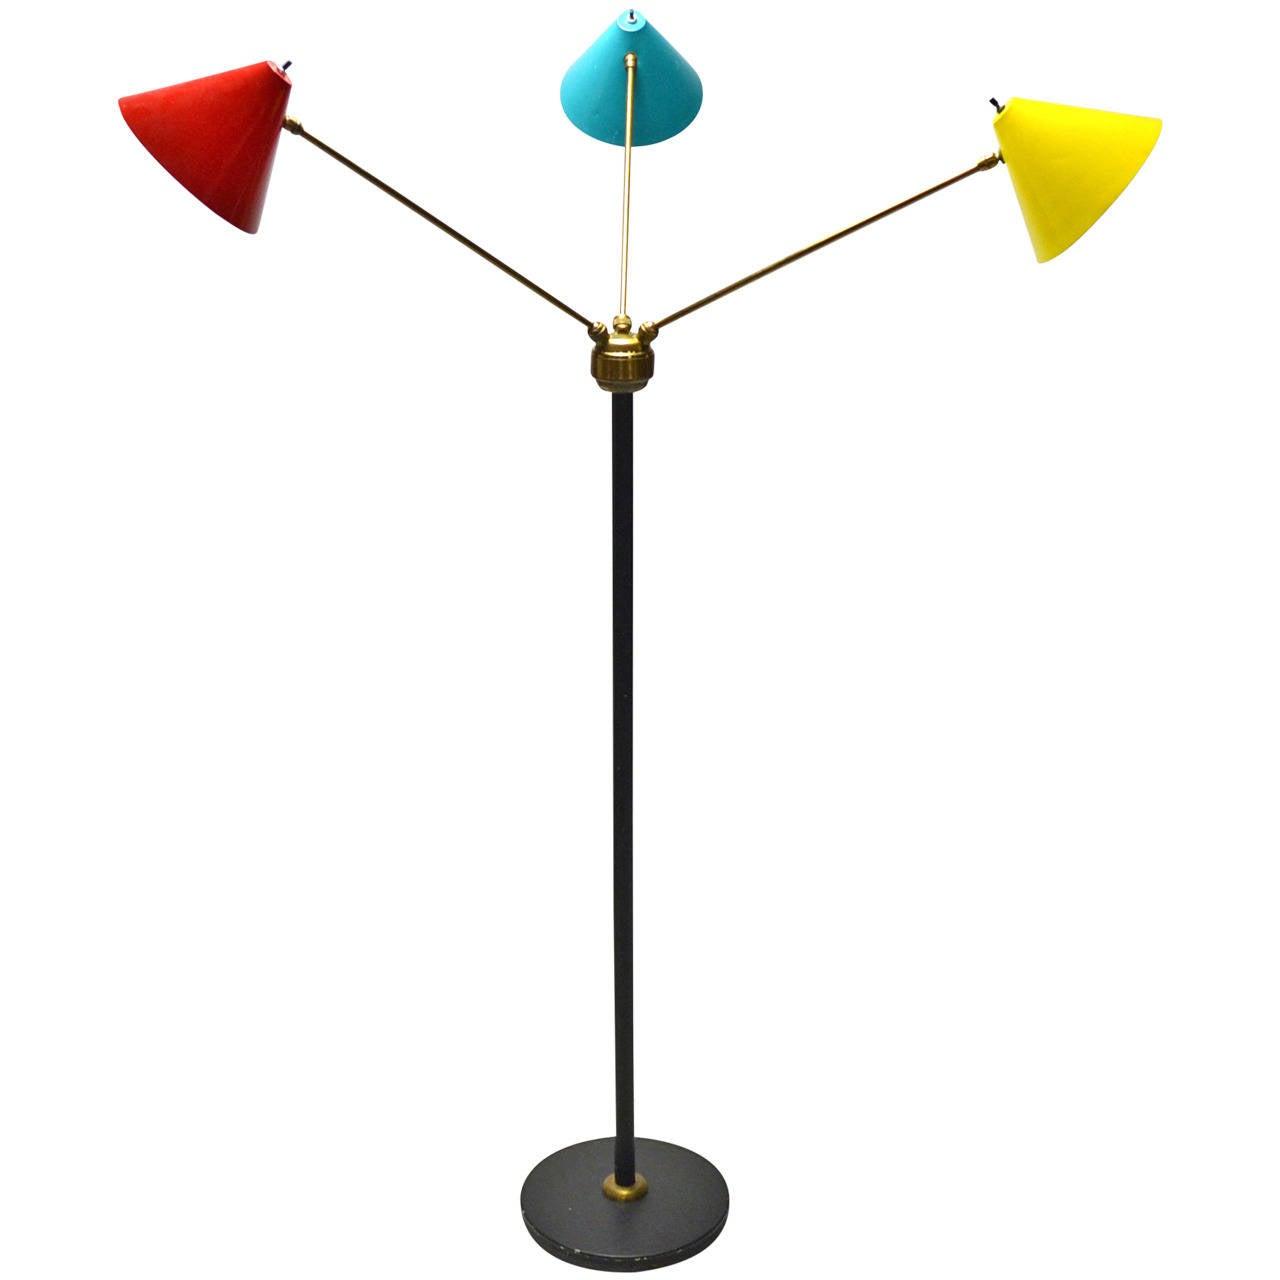 italian three arm floor lamp at 1stdibs. Black Bedroom Furniture Sets. Home Design Ideas